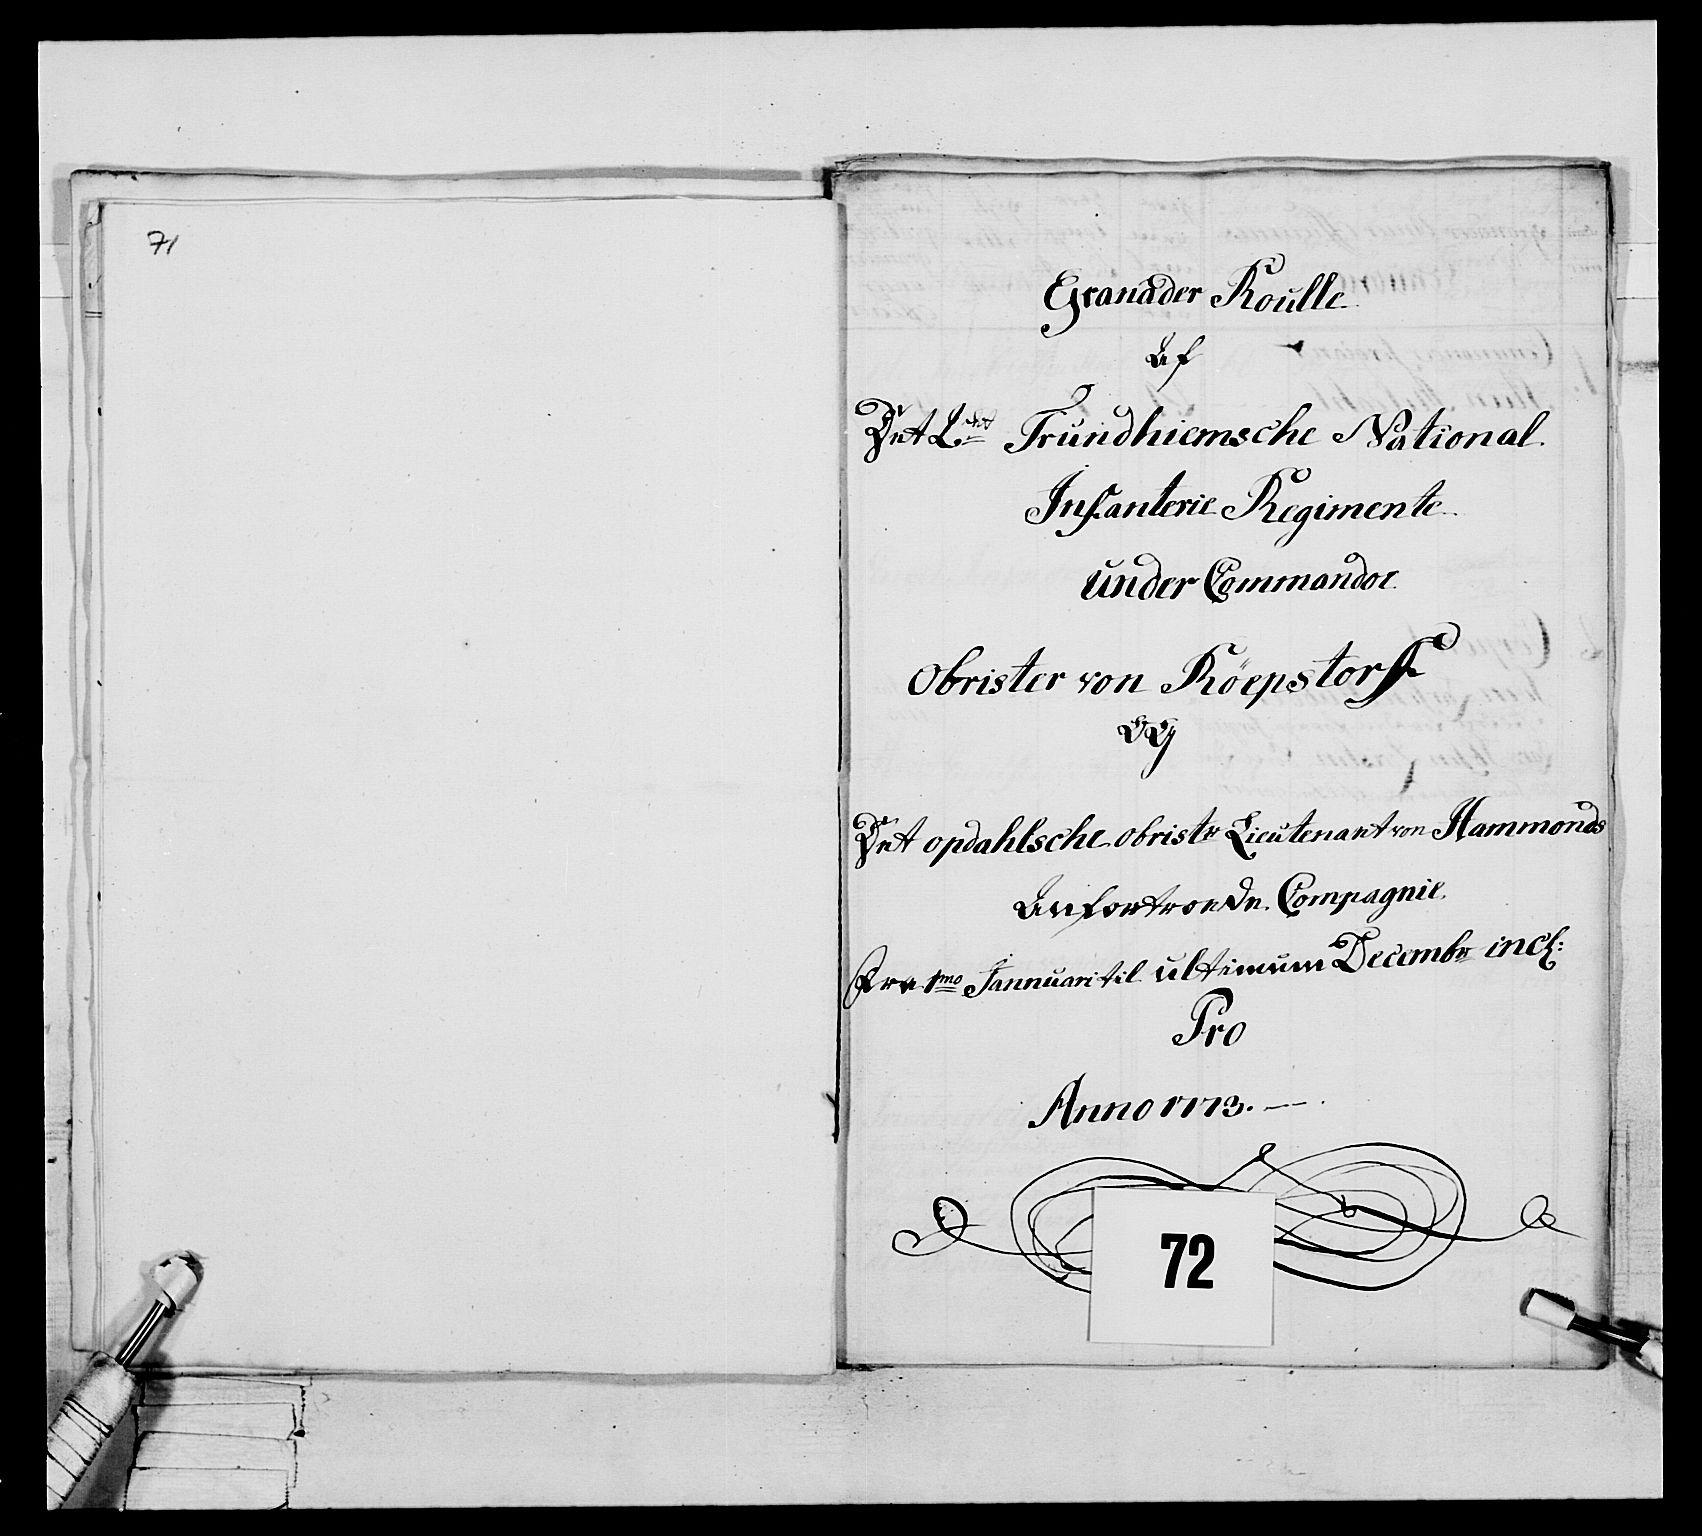 RA, Generalitets- og kommissariatskollegiet, Det kongelige norske kommissariatskollegium, E/Eh/L0076: 2. Trondheimske nasjonale infanteriregiment, 1766-1773, s. 315